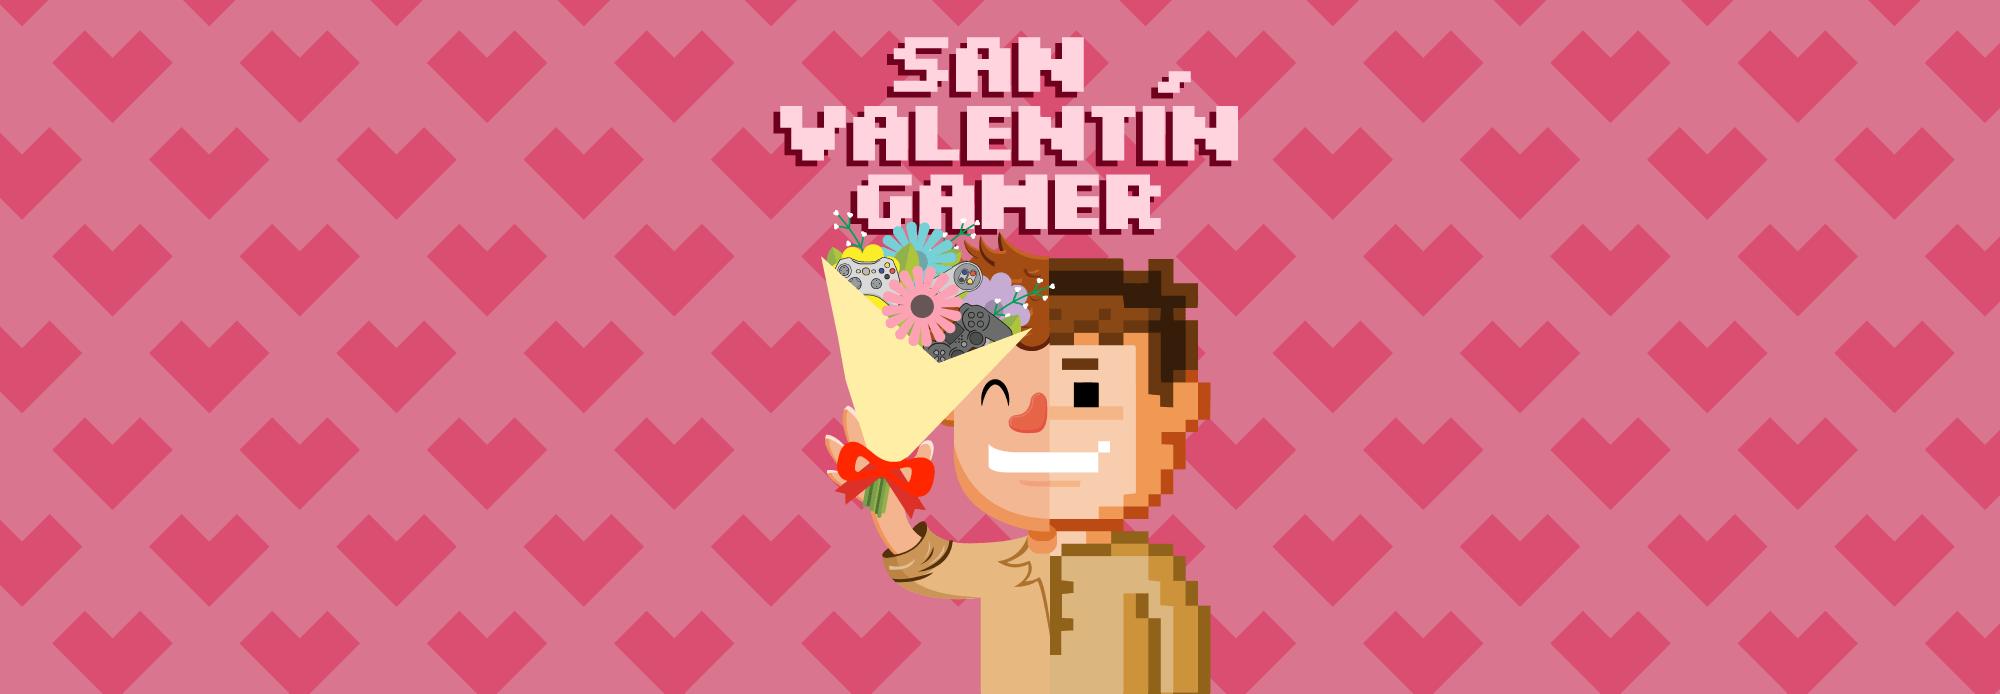 san valentín gamer